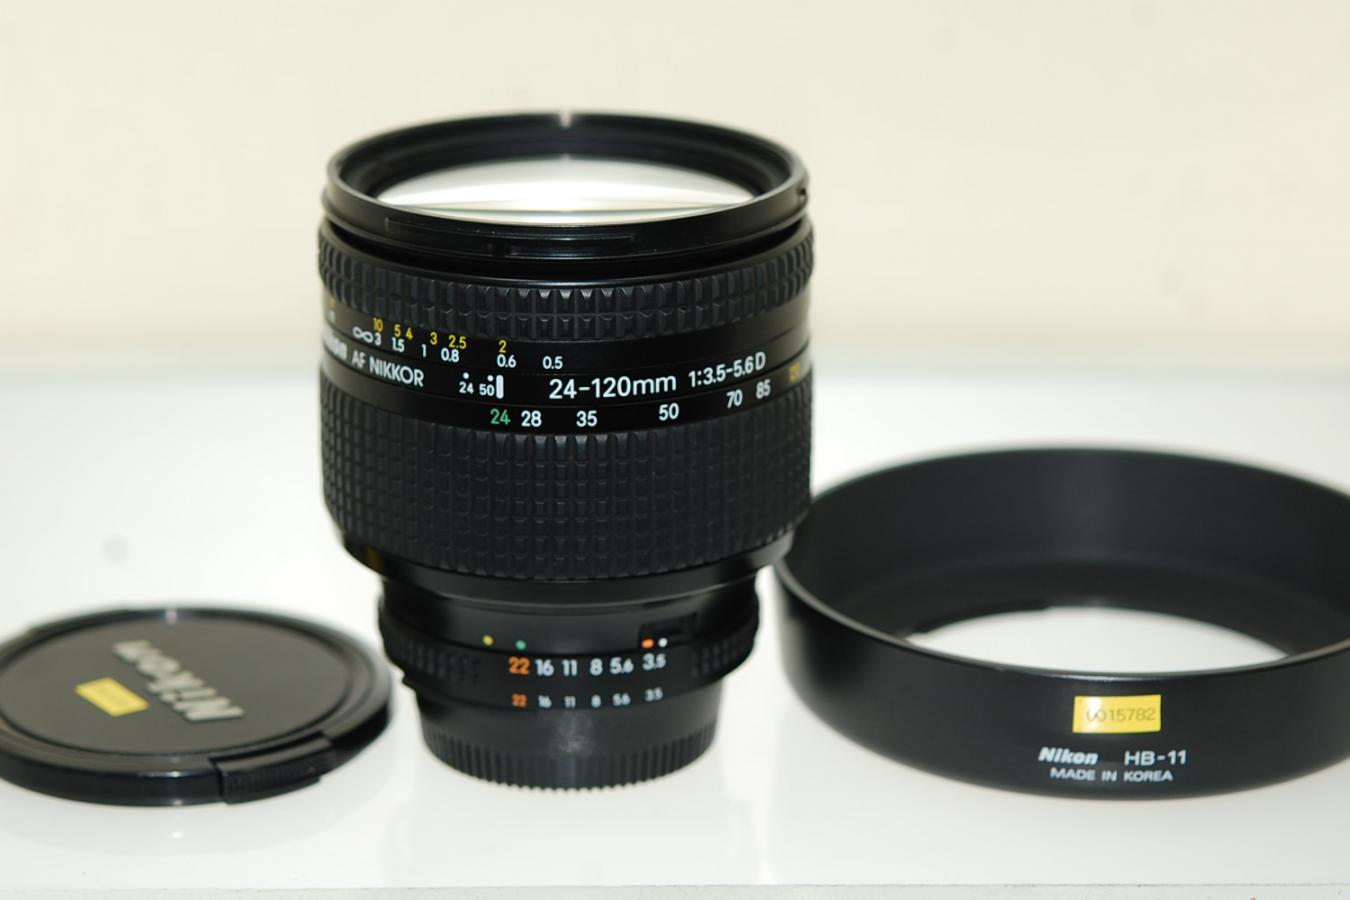 AF NIKKOR 24-120mm F3.5-5.6D 【純正フードHB-11付】